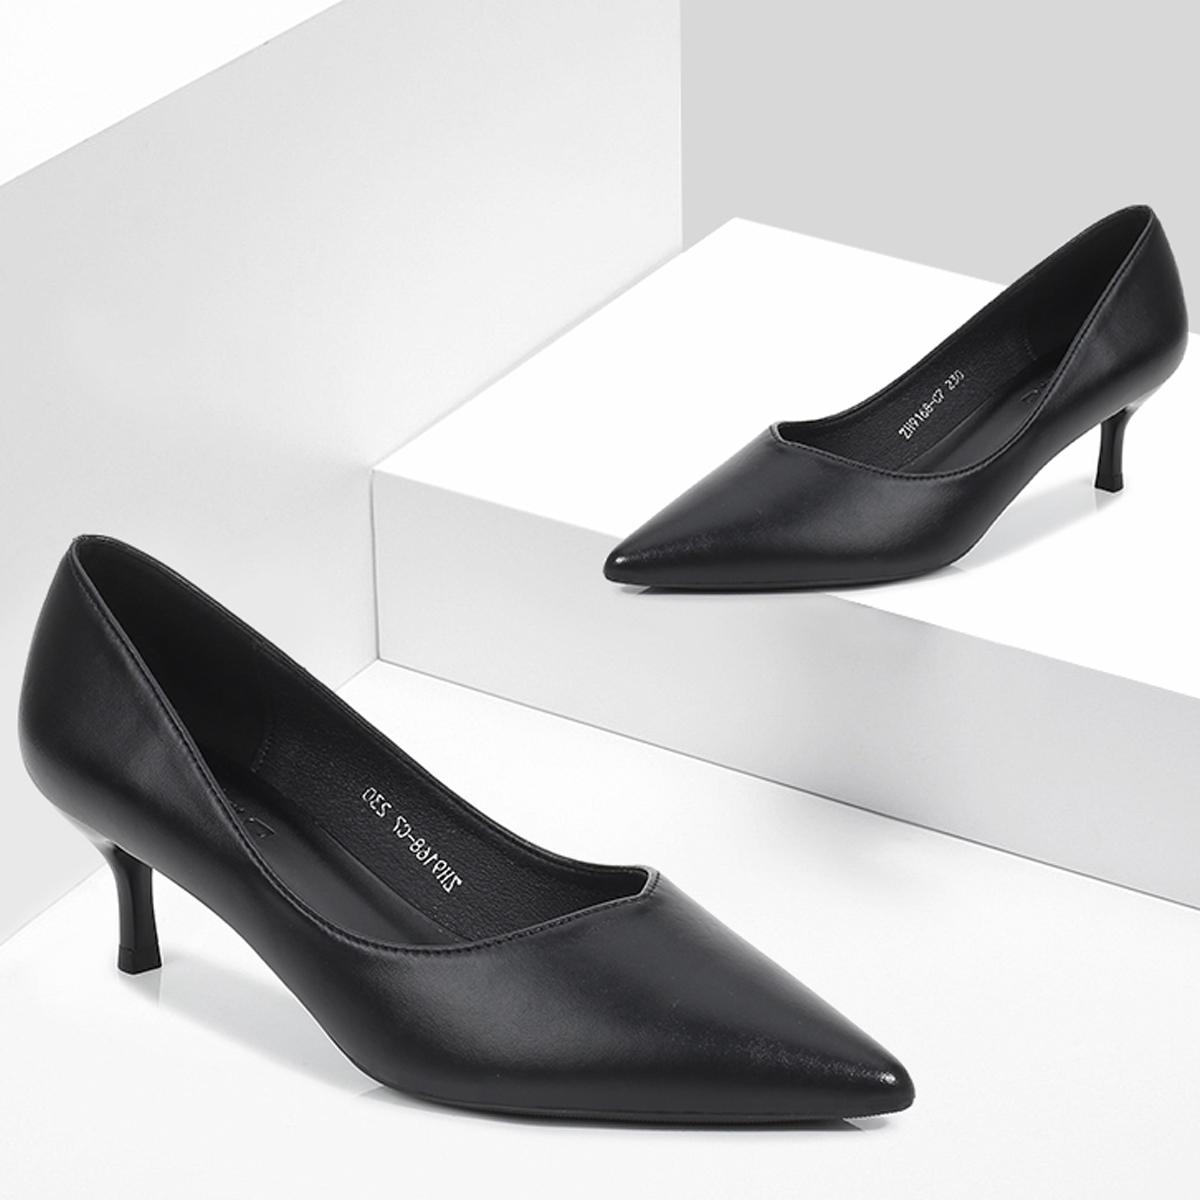 平底鞋图片 高跟鞋软皮百搭细跟平底单鞋尖头5cm中跟3cm低跟职业女黑色工作鞋_推荐淘宝好看的女平底鞋